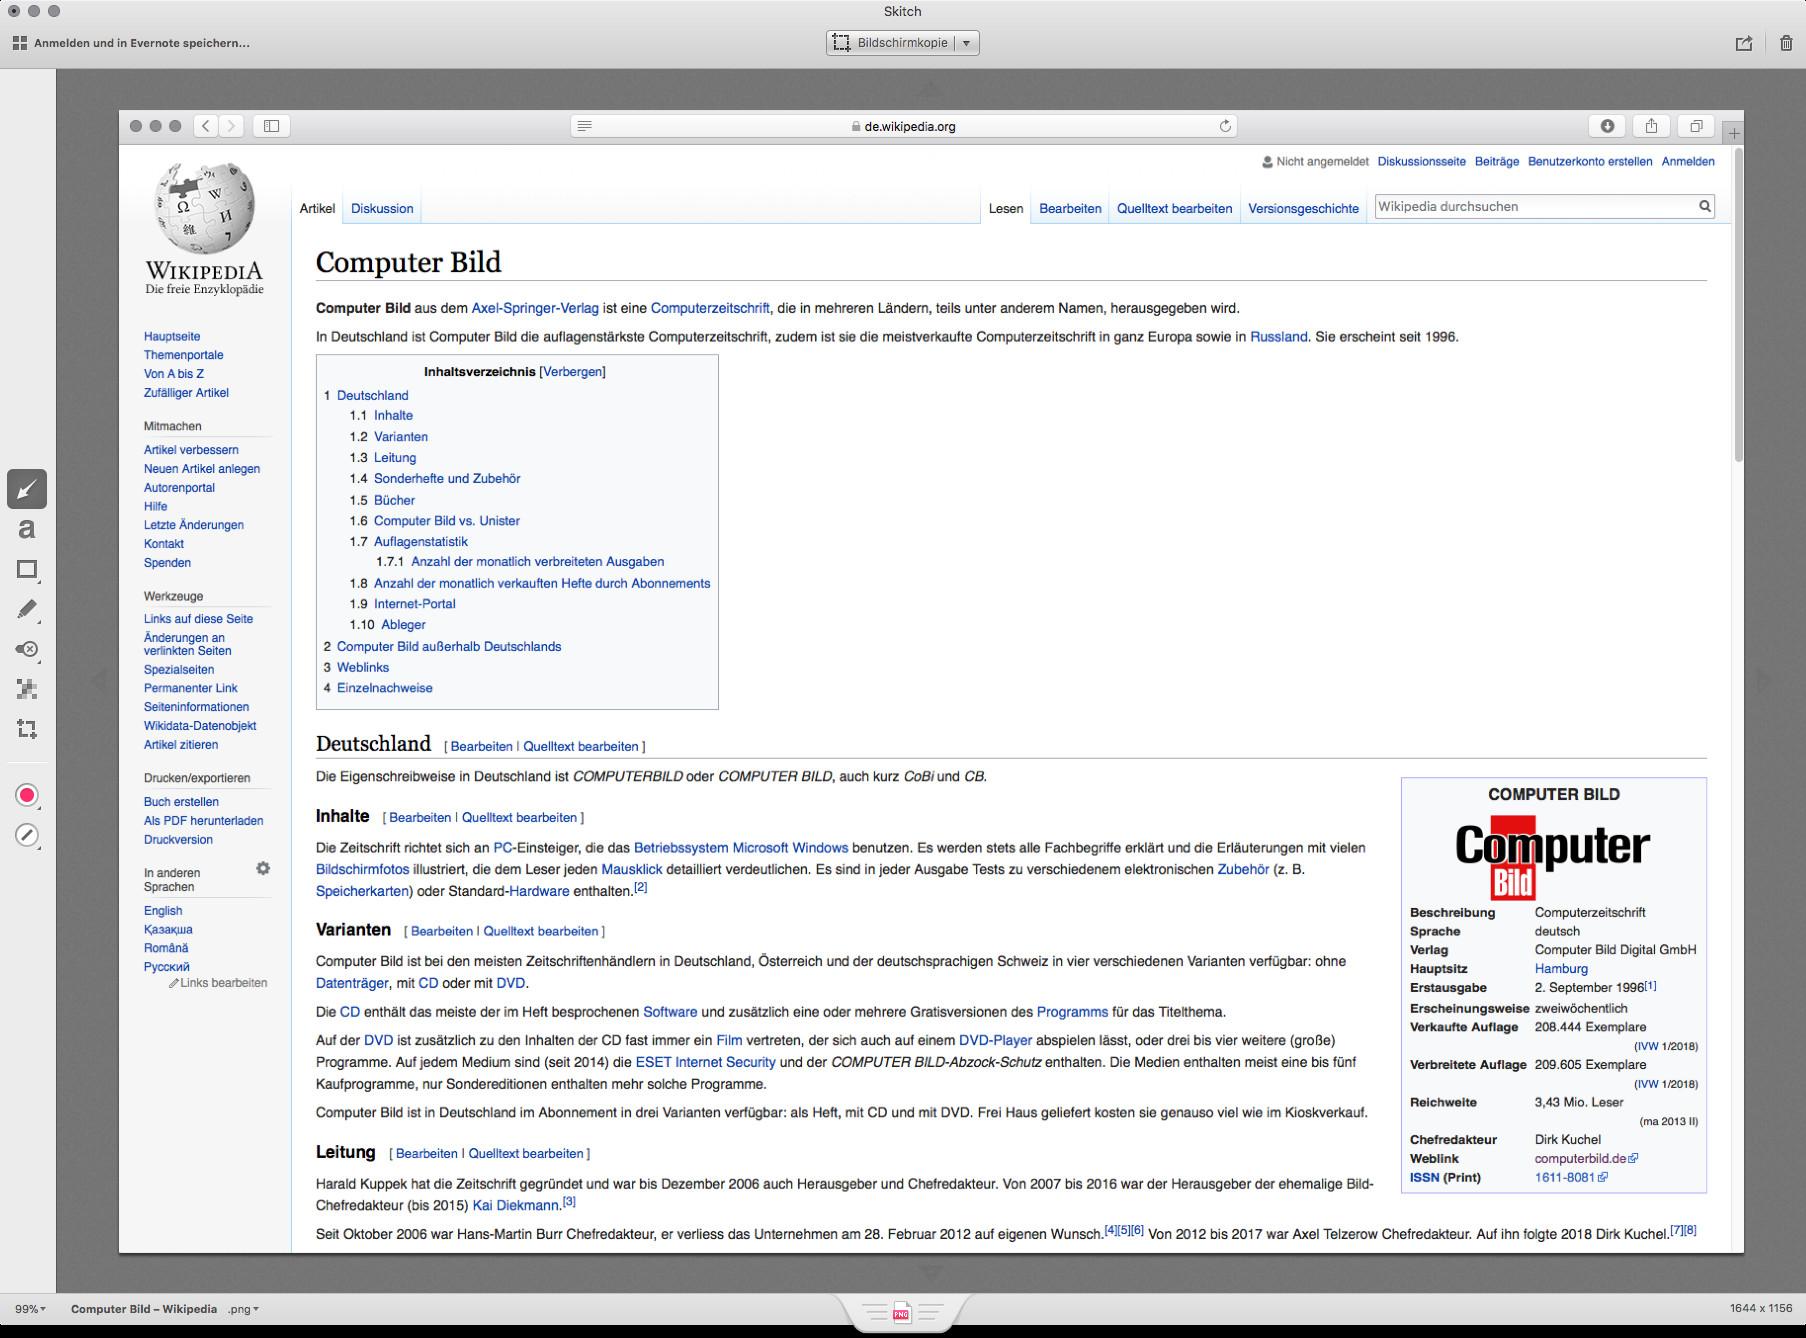 Screenshot 1 - Skitch (Mac)